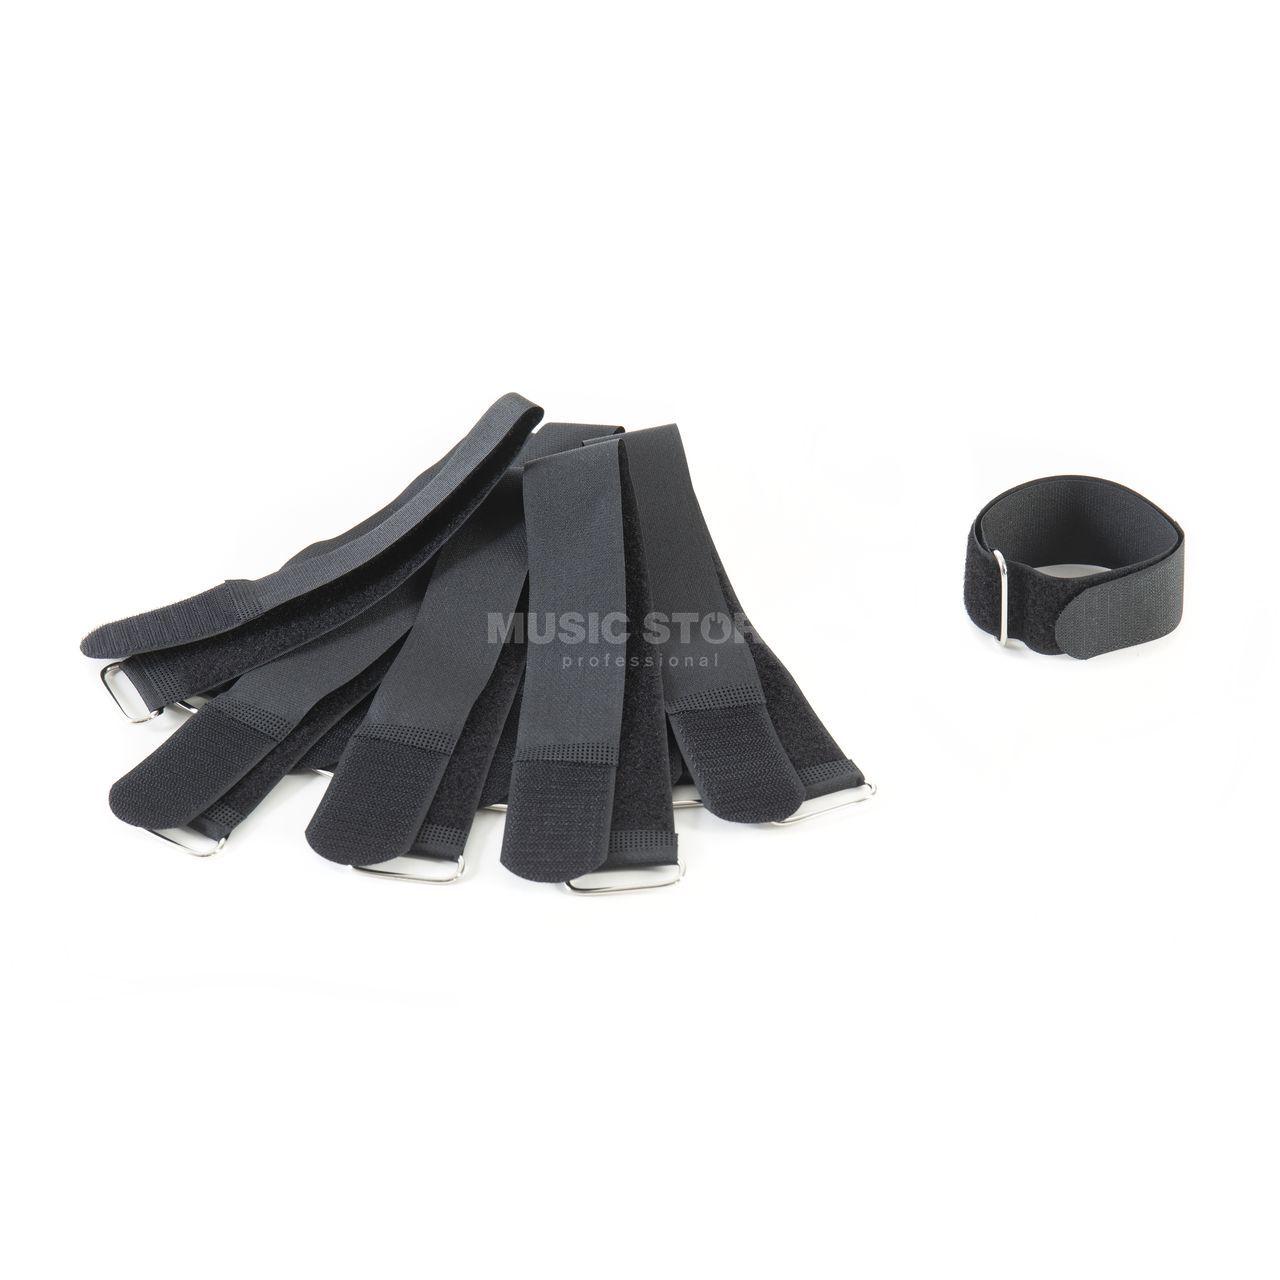 music store kabelklett schwarz 40cm 10er set. Black Bedroom Furniture Sets. Home Design Ideas